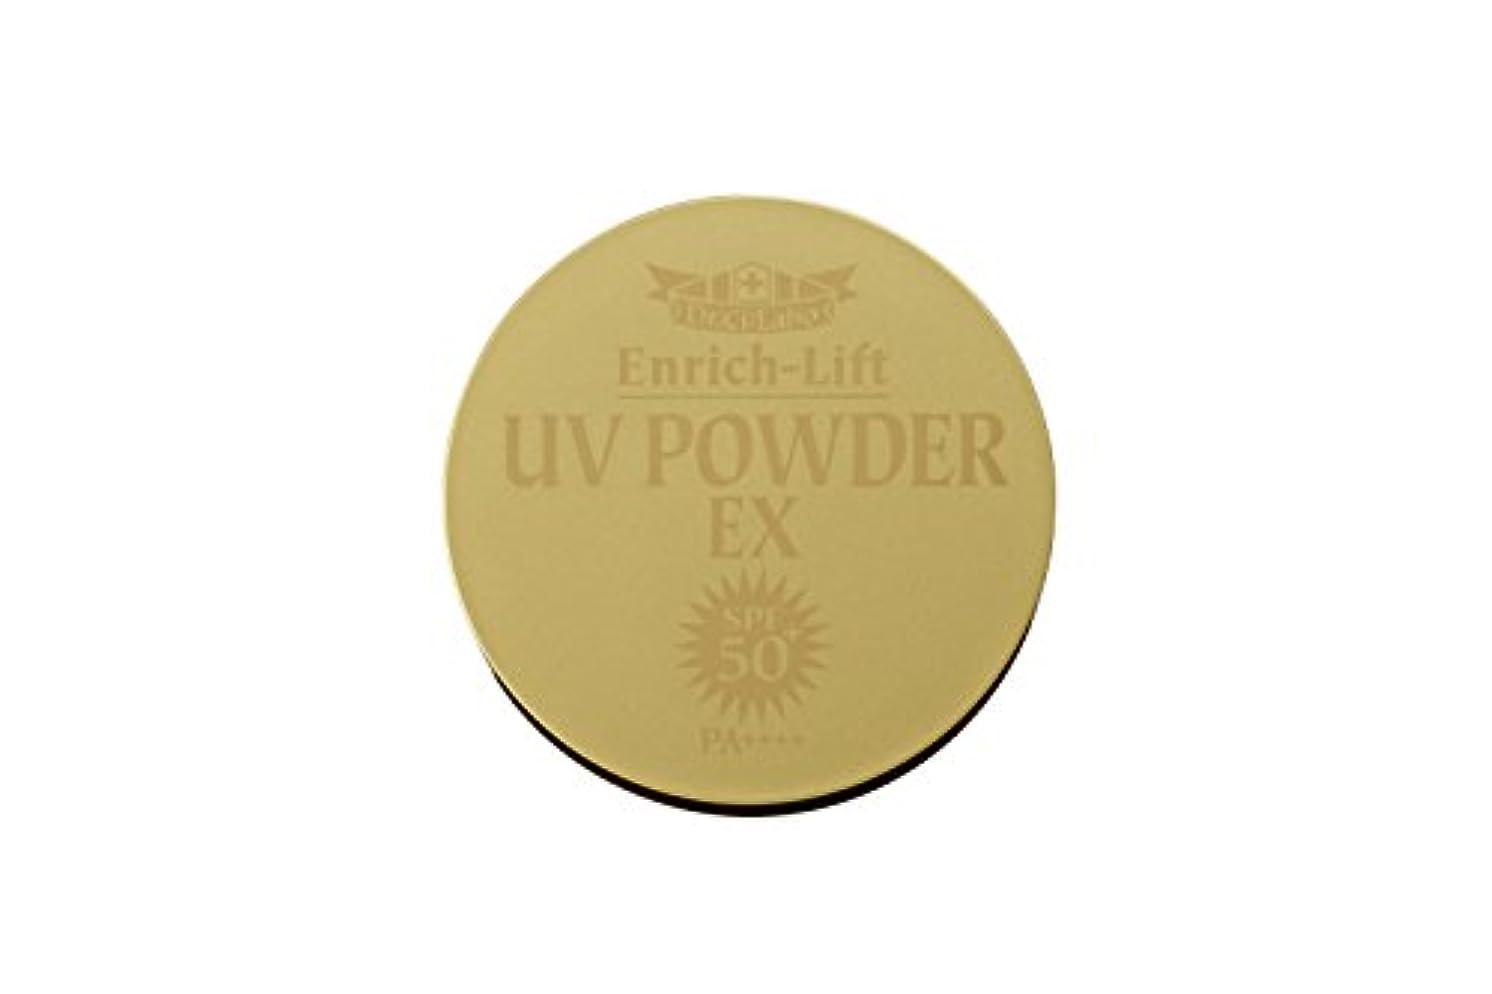 それる必要ない効果ドクターシーラボ エンリッチリフト UVパウダー EX50+ 日焼け止め ルーセントパウダー